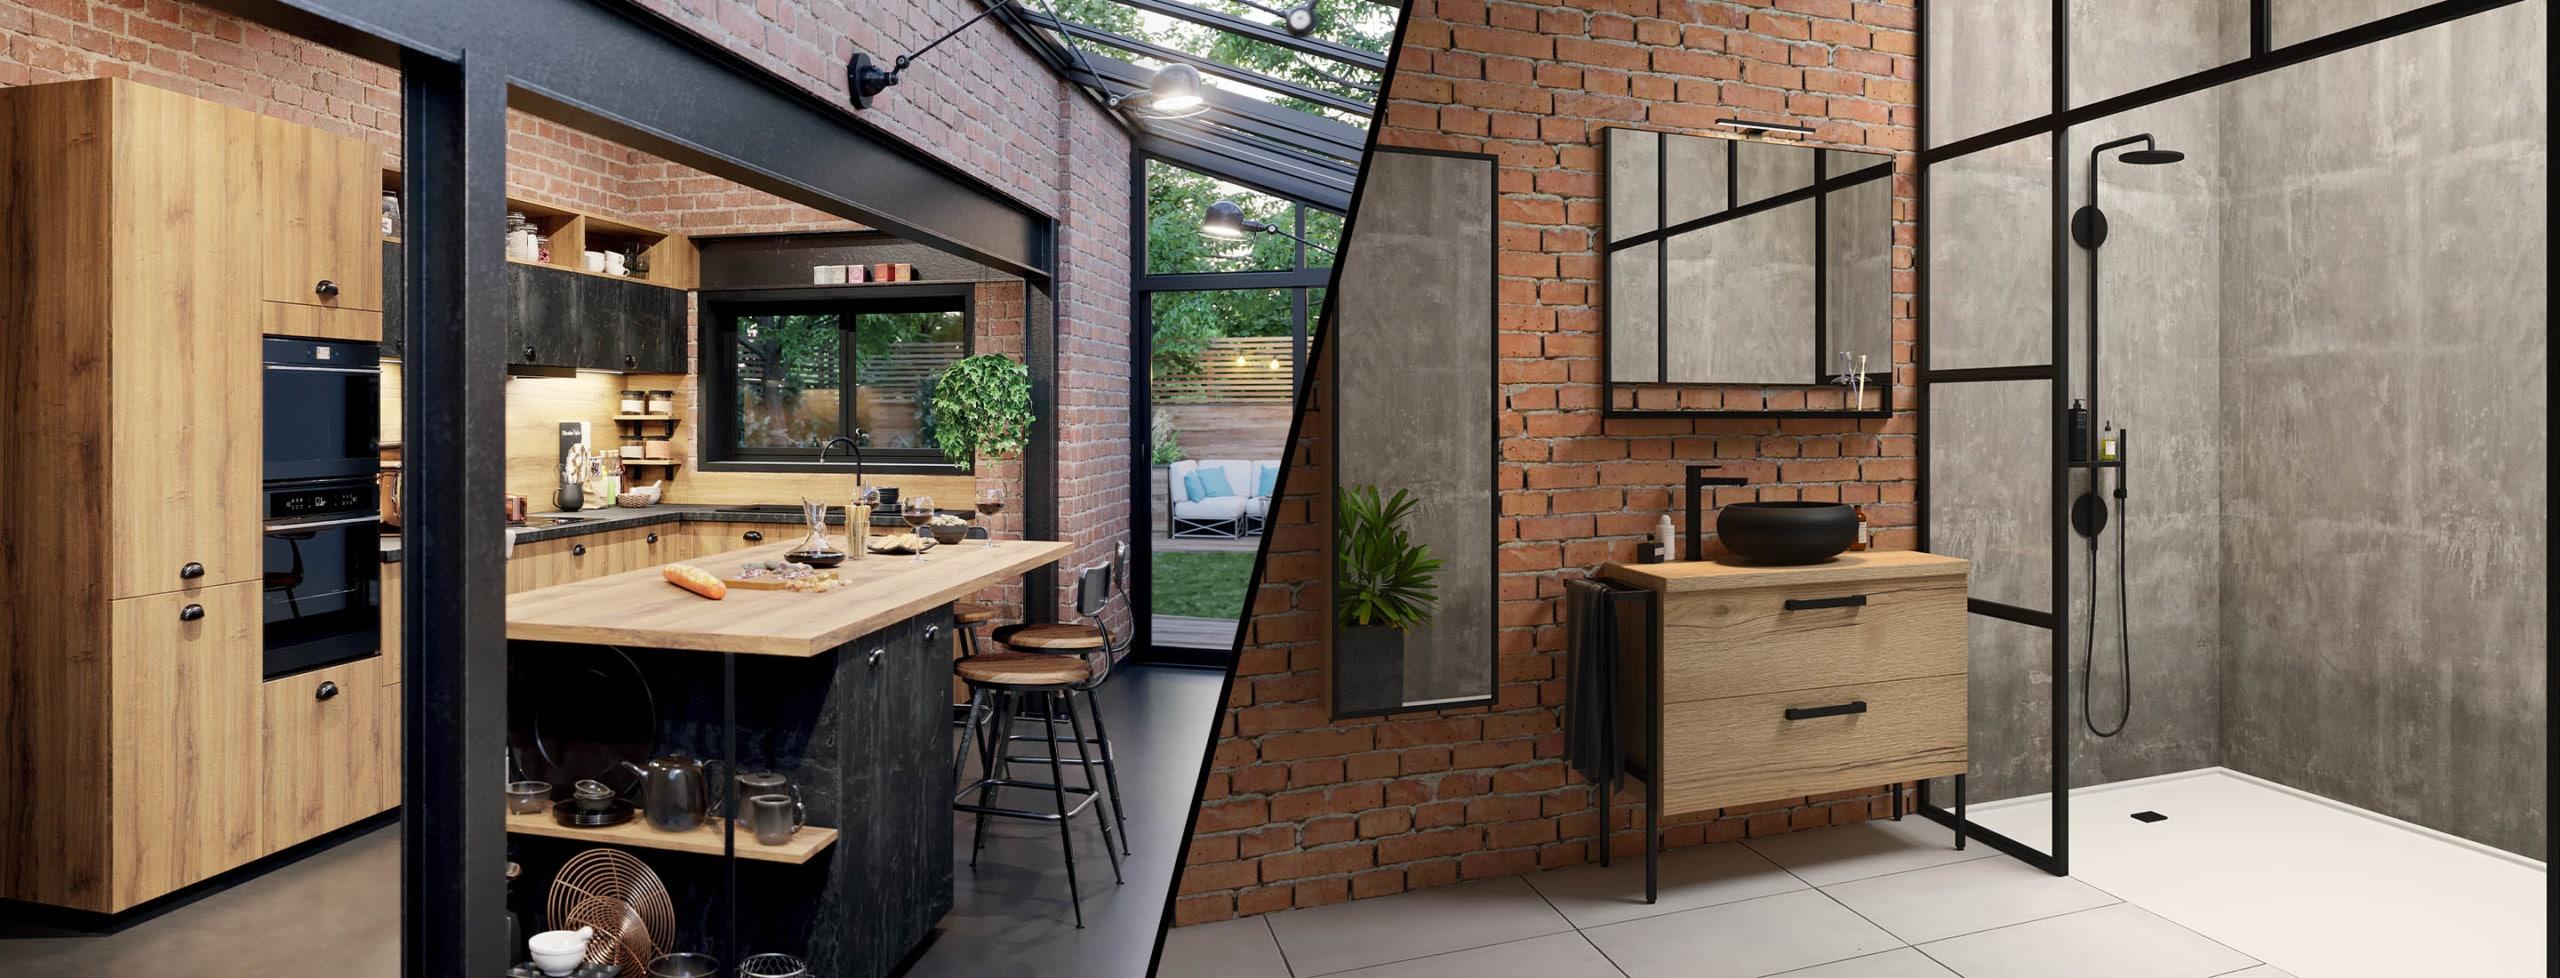 style industriel cuisine et salles de bain discac